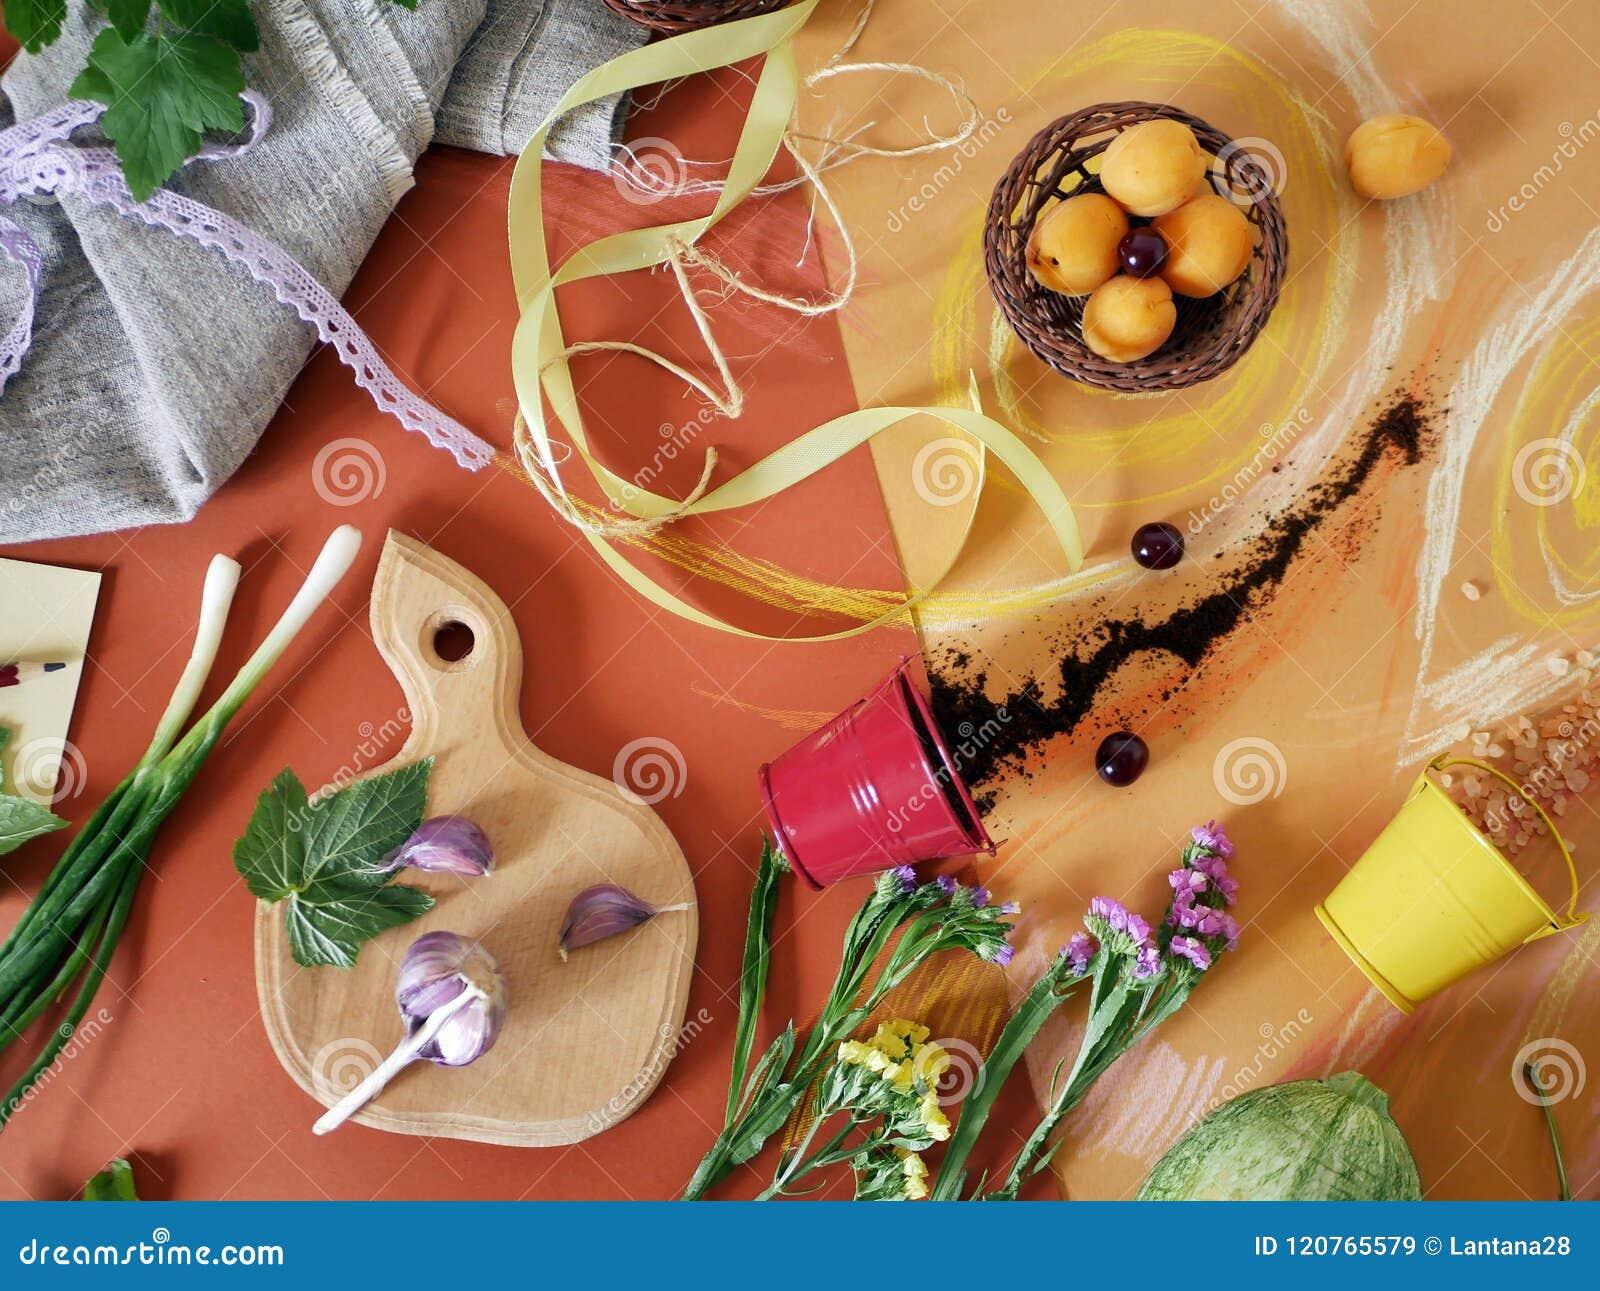 Dekorative Zusammensetzung des Gemüses, der Grüns, der Gewürze, der Blumen und des Seesalzes auf dem orange Papier, gemalt mit Pa